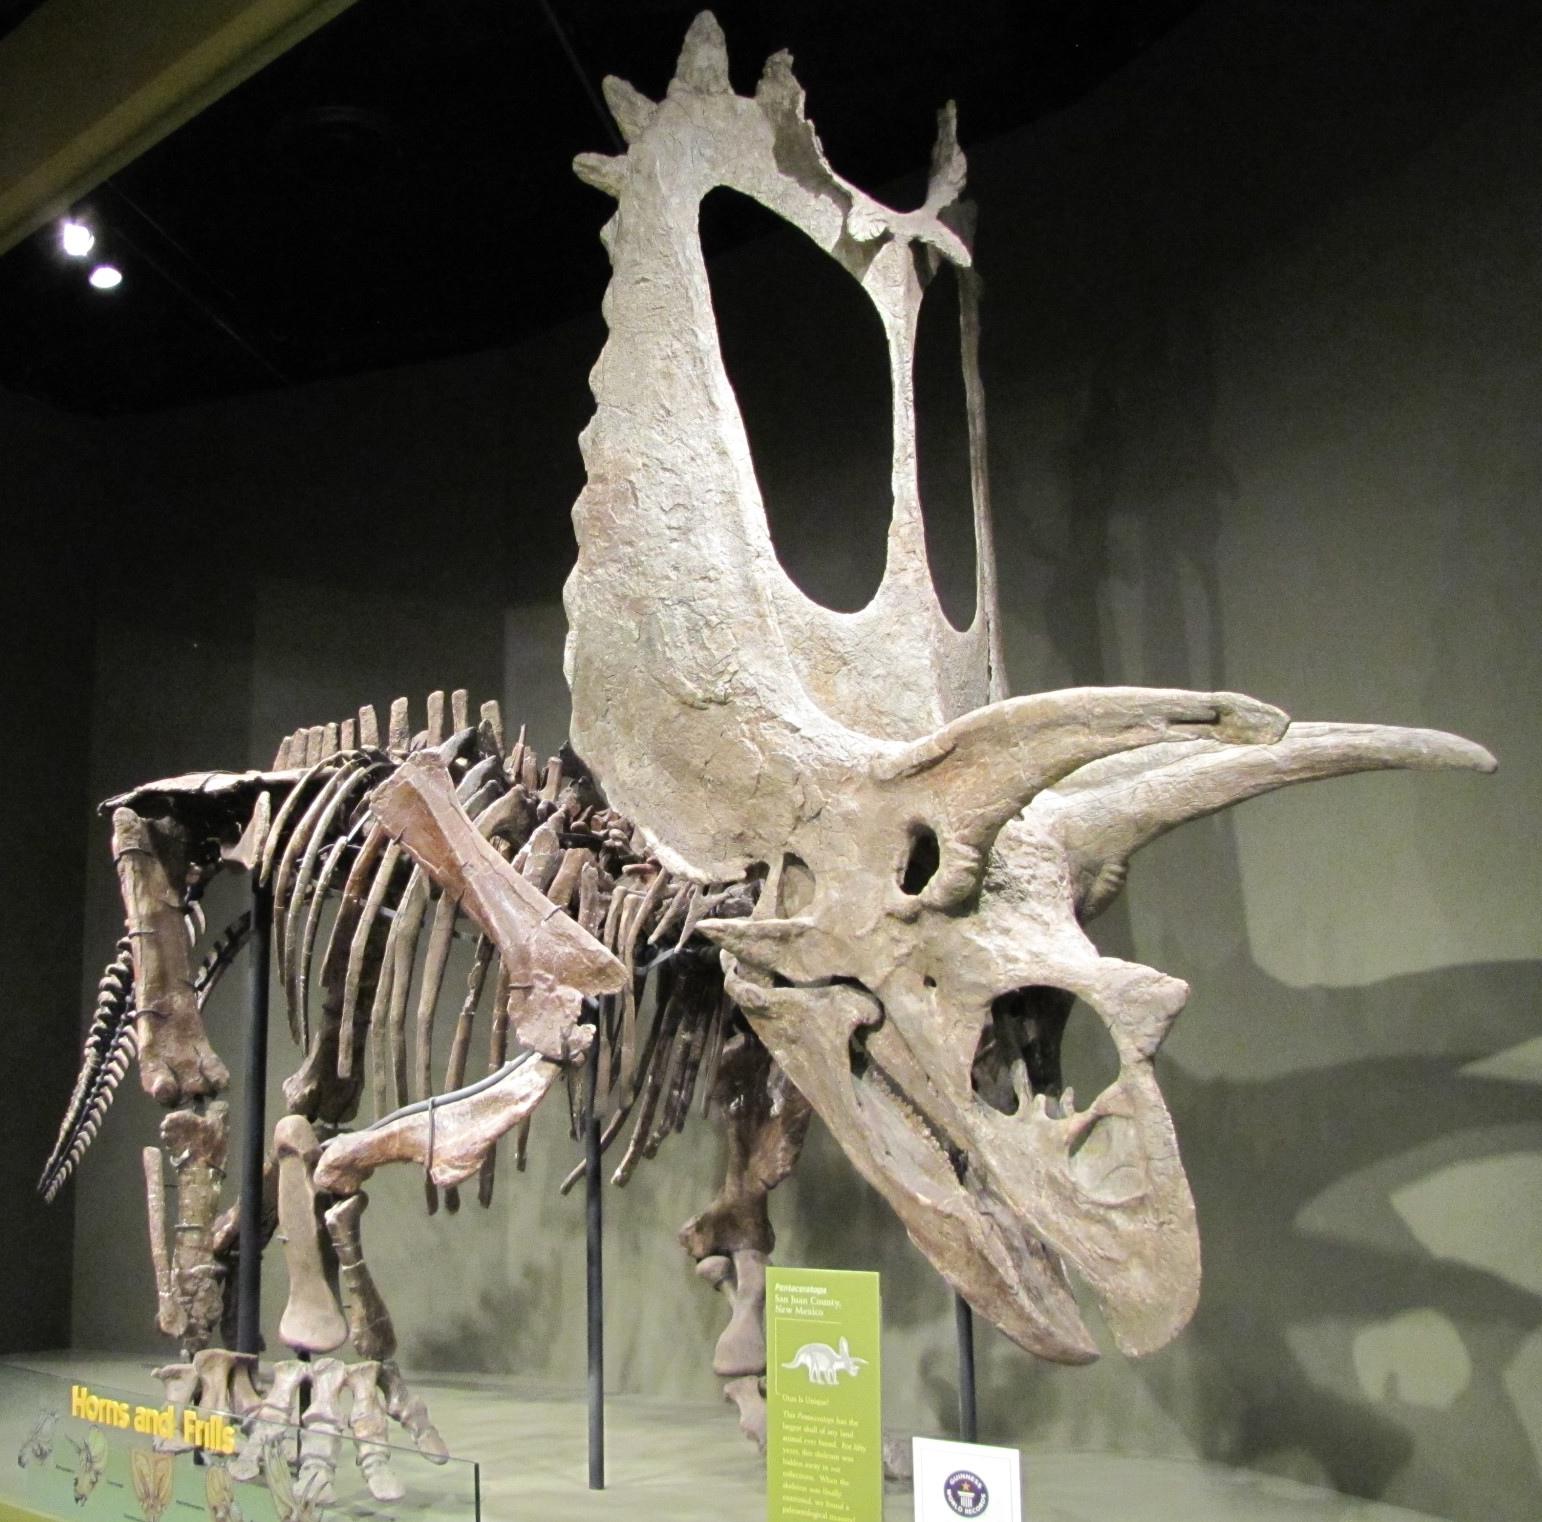 Titanoceratops ouranos byl velký ceratopsid s extrémně dlouhou lebkou. Původní odhady její délky se pohybovaly kolem tří metrů, později byla tato míra snížena na 265 centimetrů. Kredit: Kurt McKee; Wikipedie (CC BY-SA 2.0)